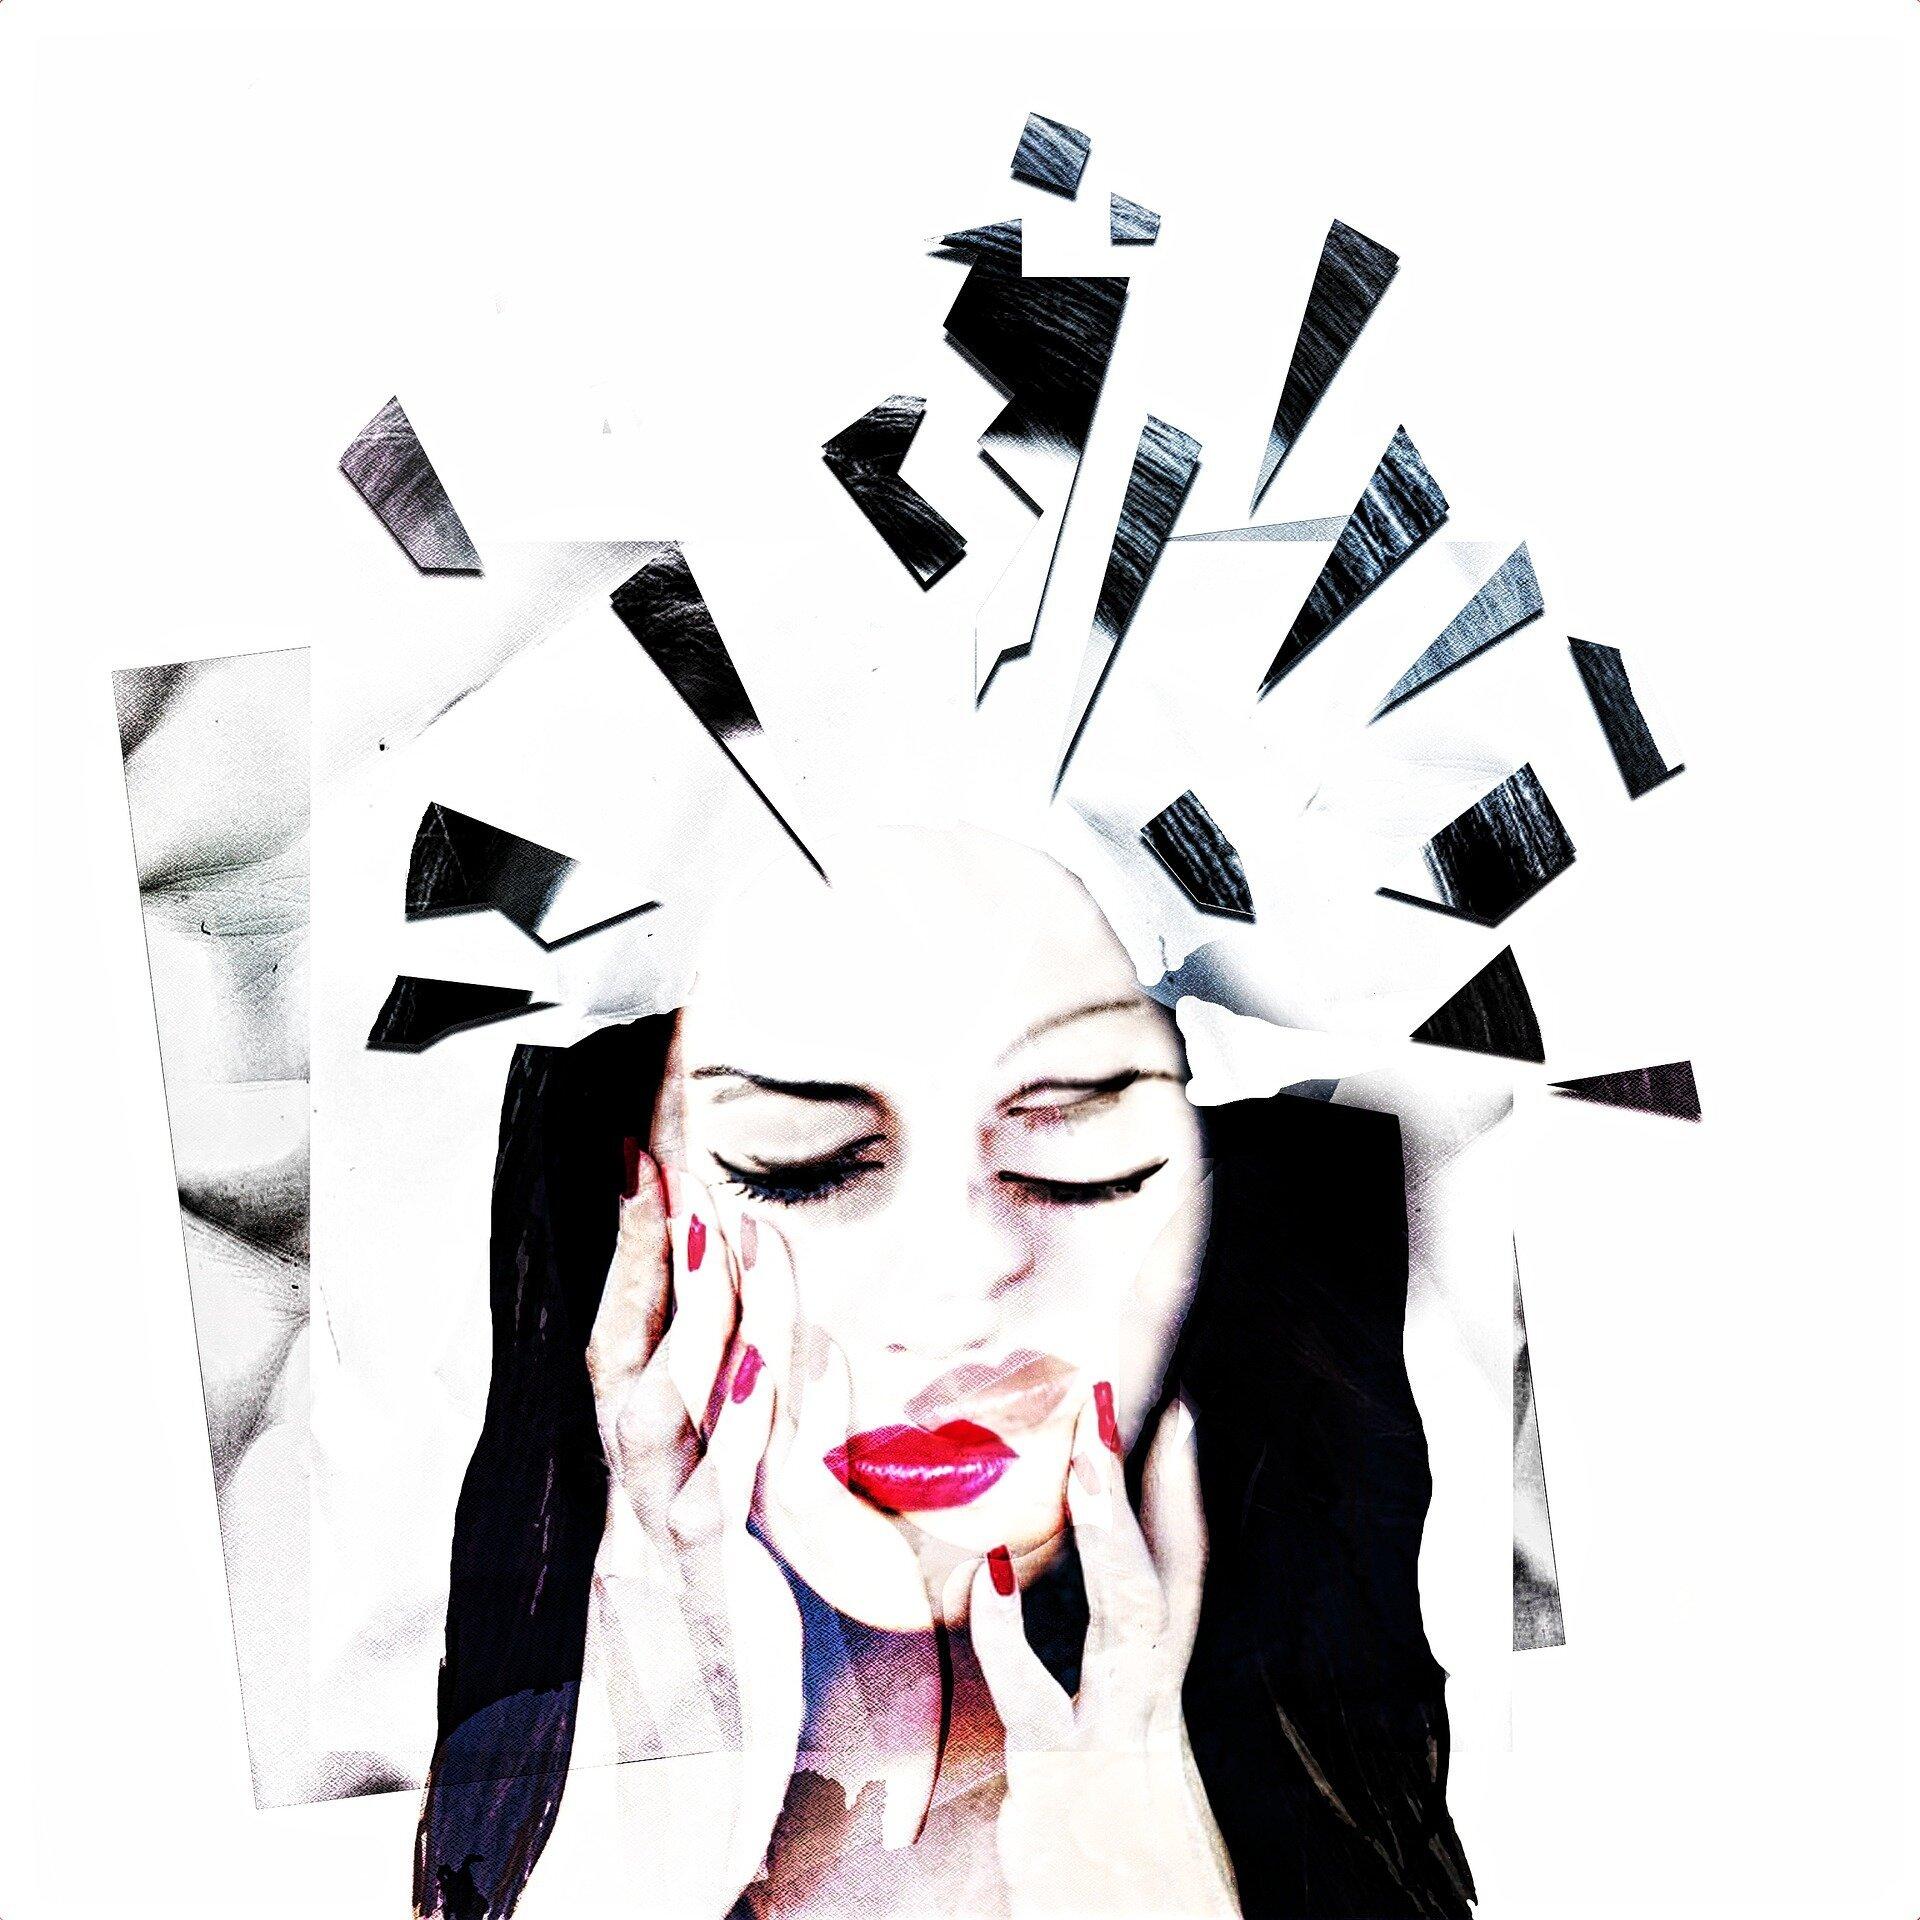 Psychische Gesundheit Kläger mehr als zweimal so wahrscheinlich, zu verlieren, deren nutzen als nicht-psychiatrischen Kläger